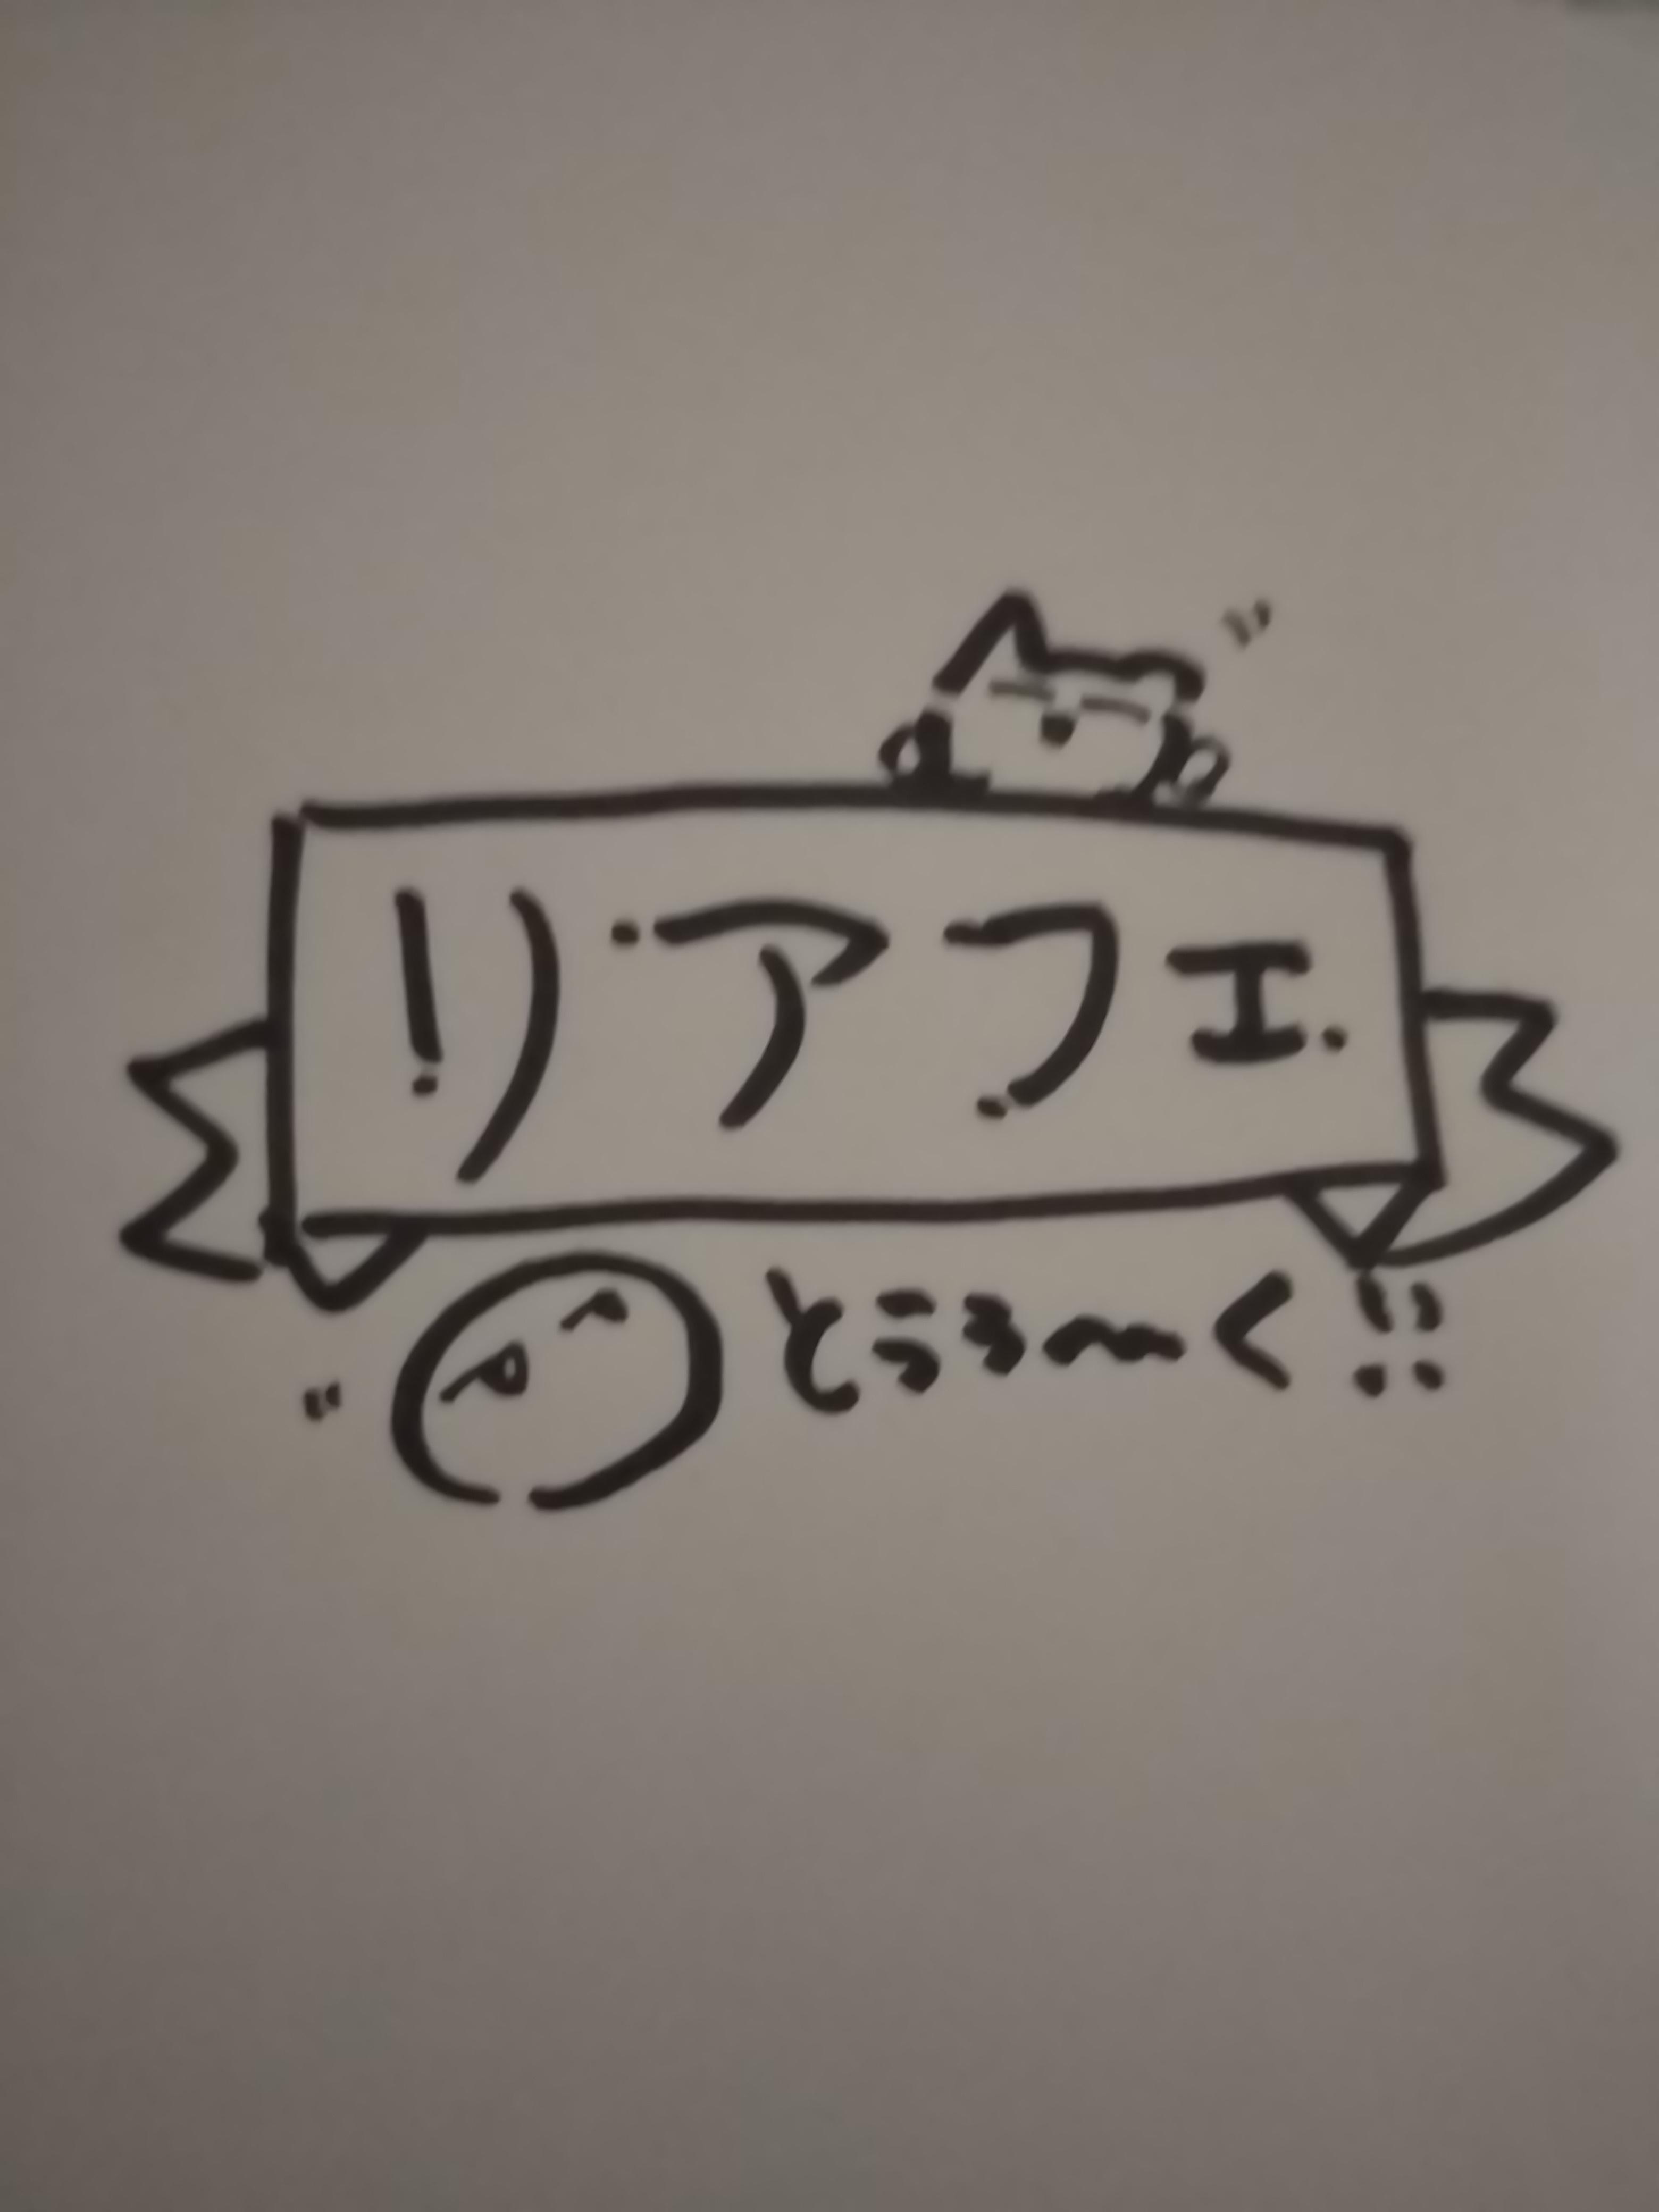 【#9】わだくんまっき~【ようこそ】に質問です!